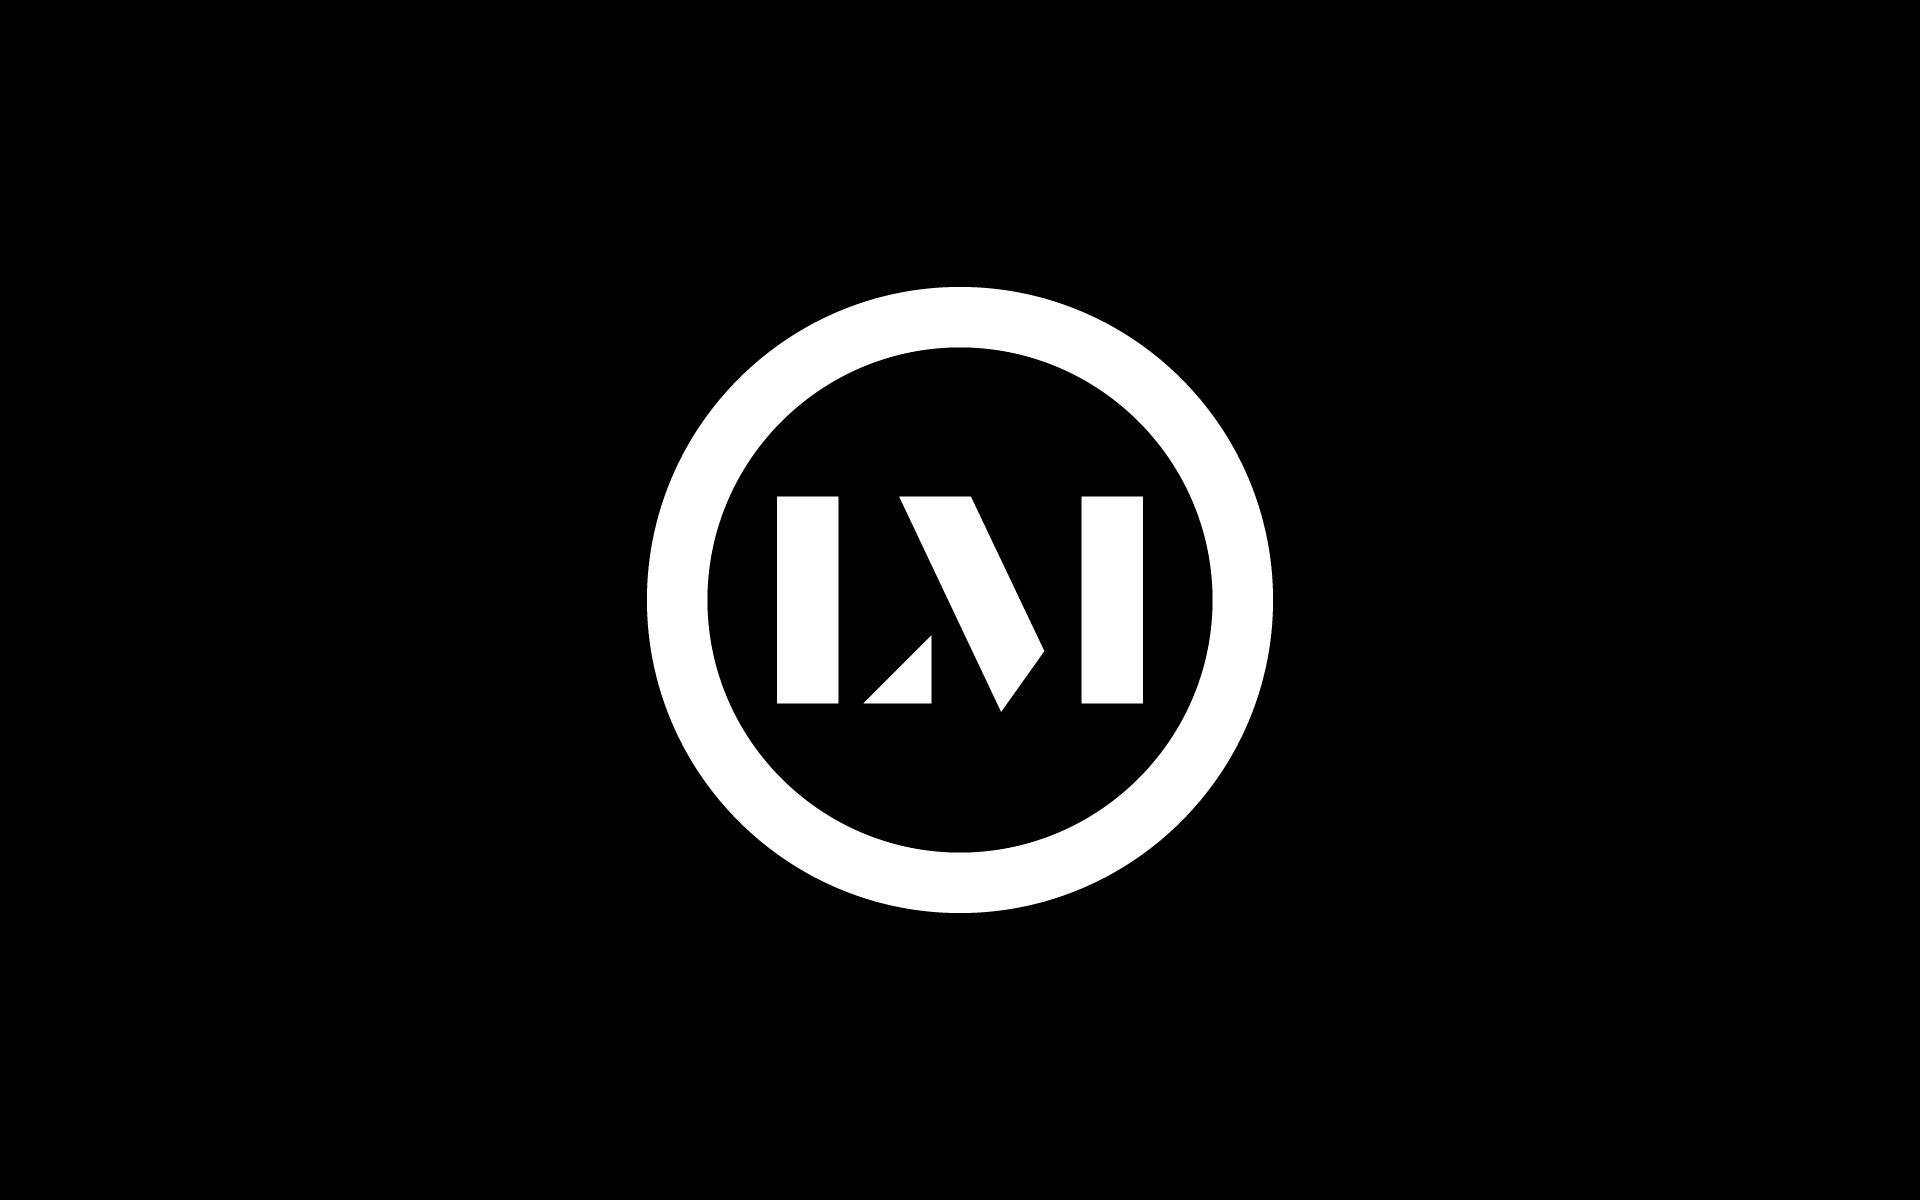 Logo-and-Brandmark-Designs-7.jpg